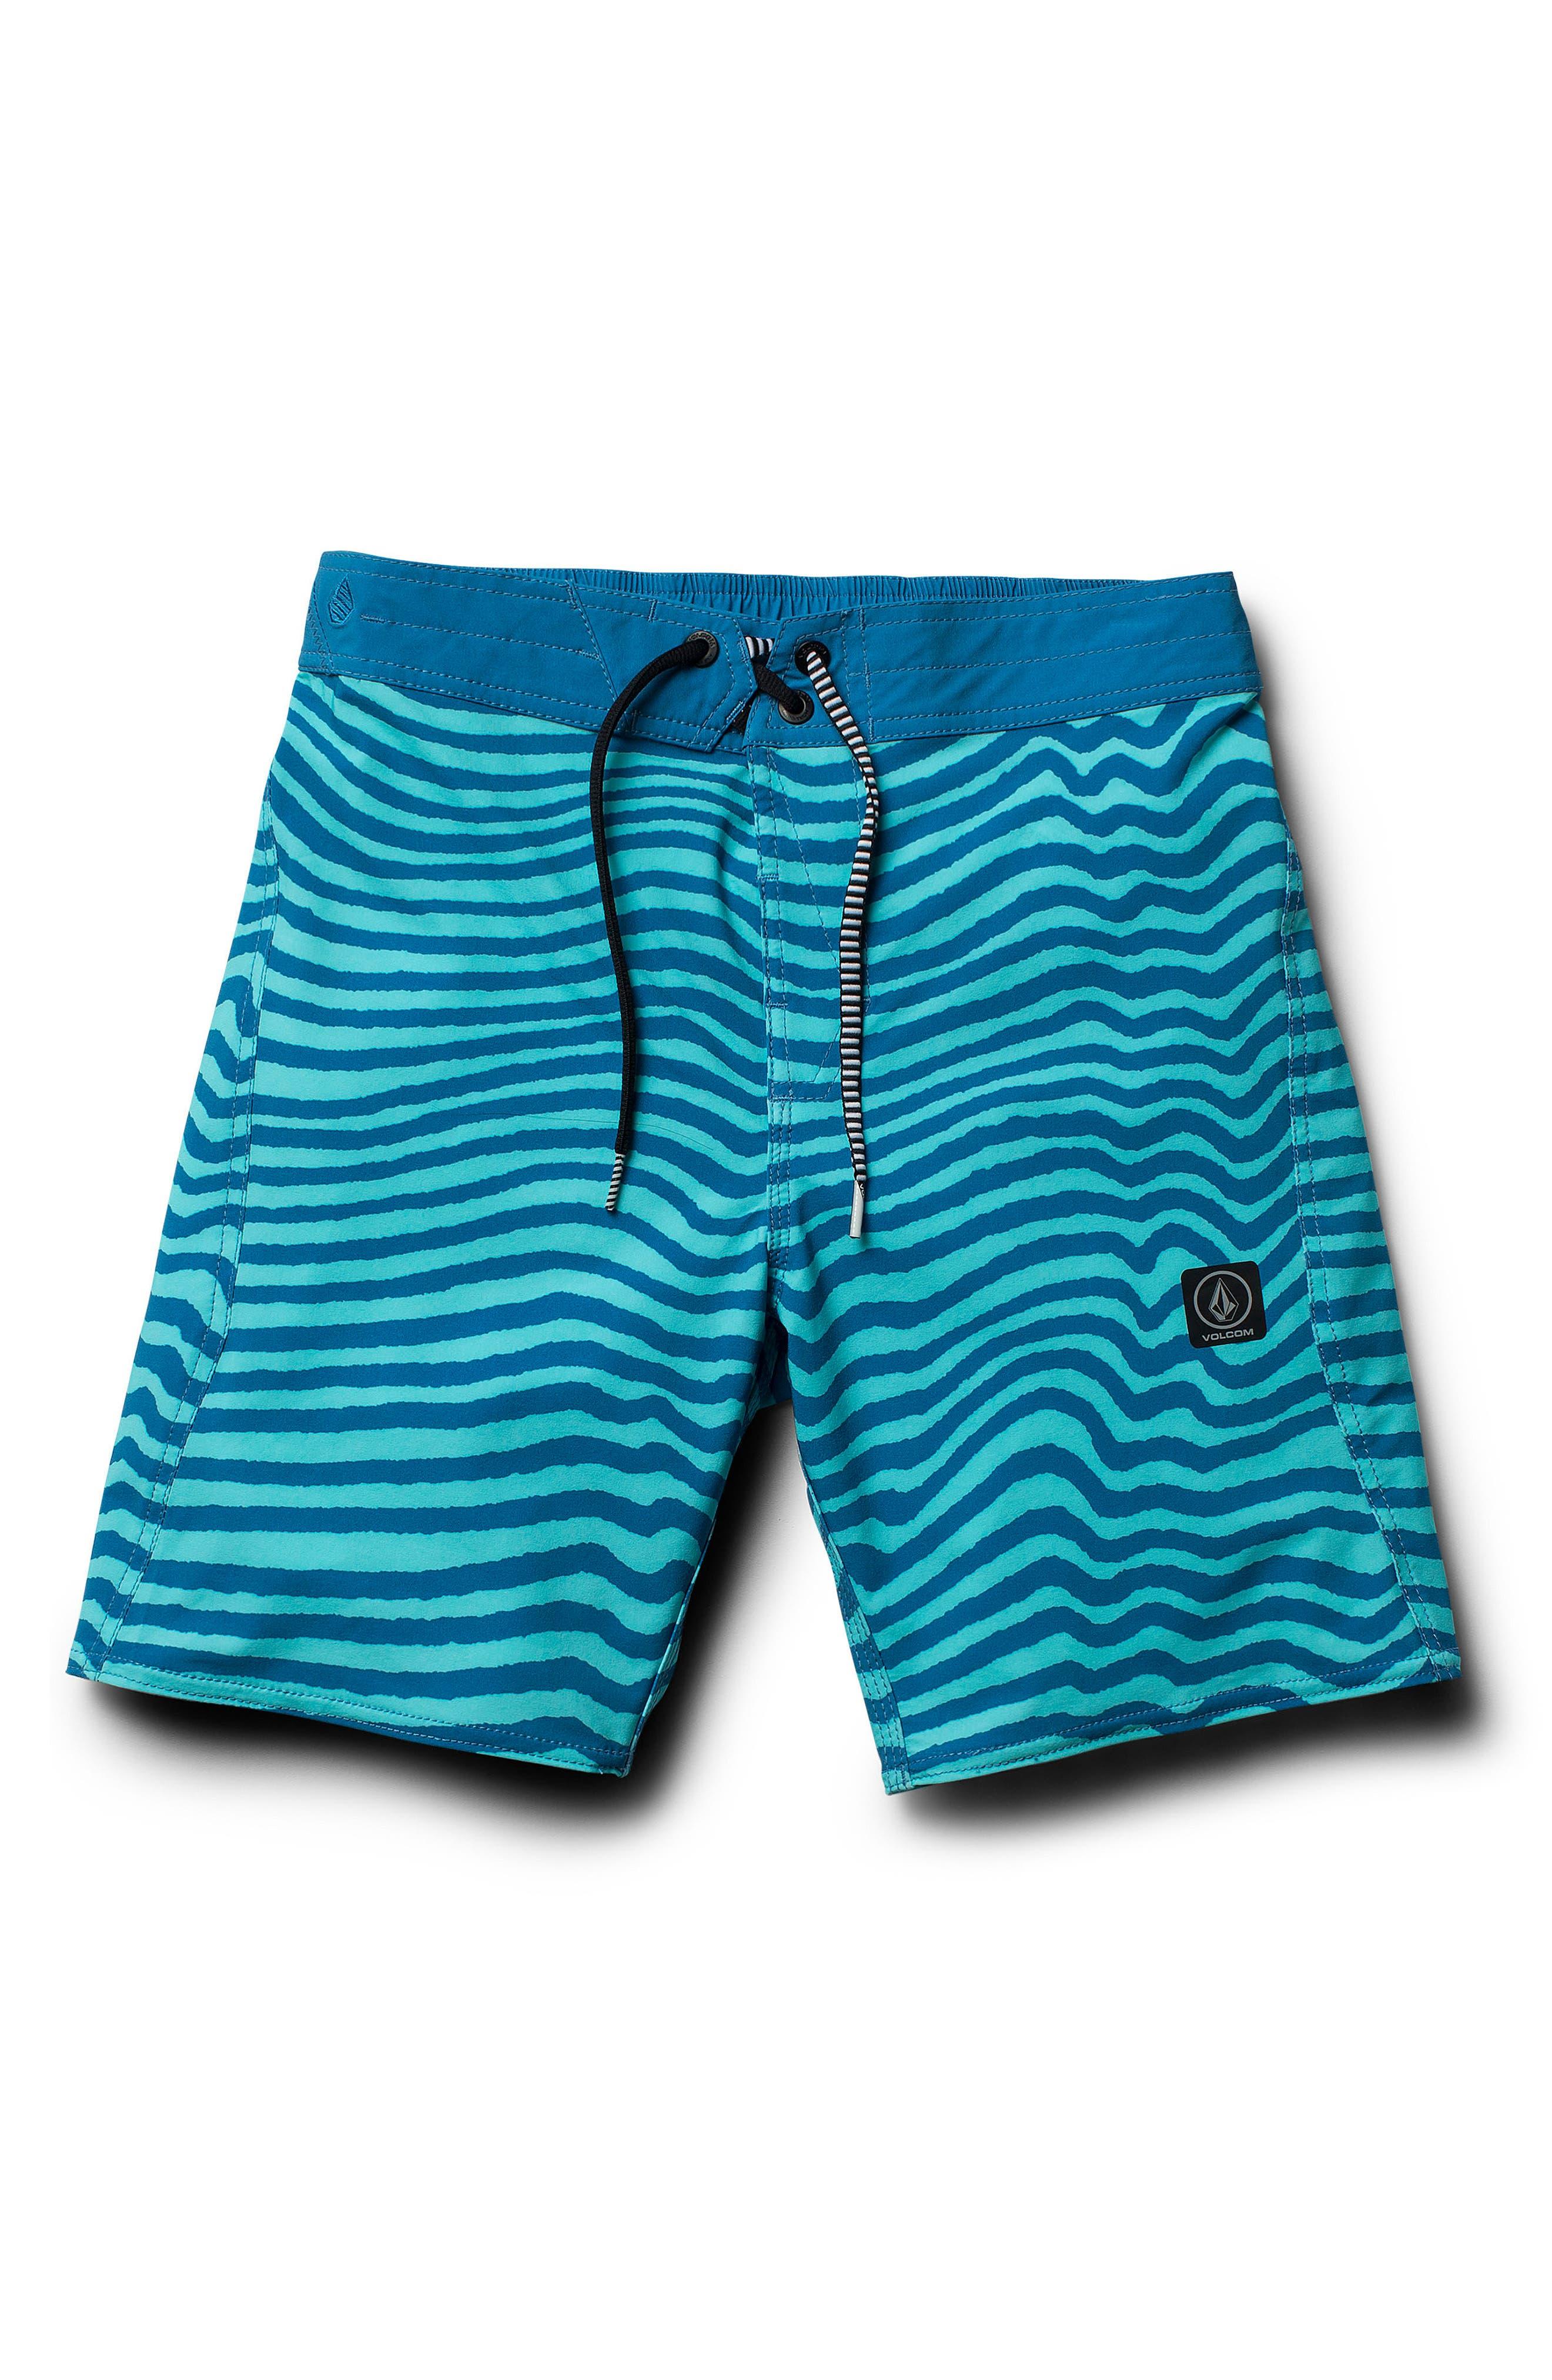 Mag Vibes Board Shorts,                         Main,                         color, 443